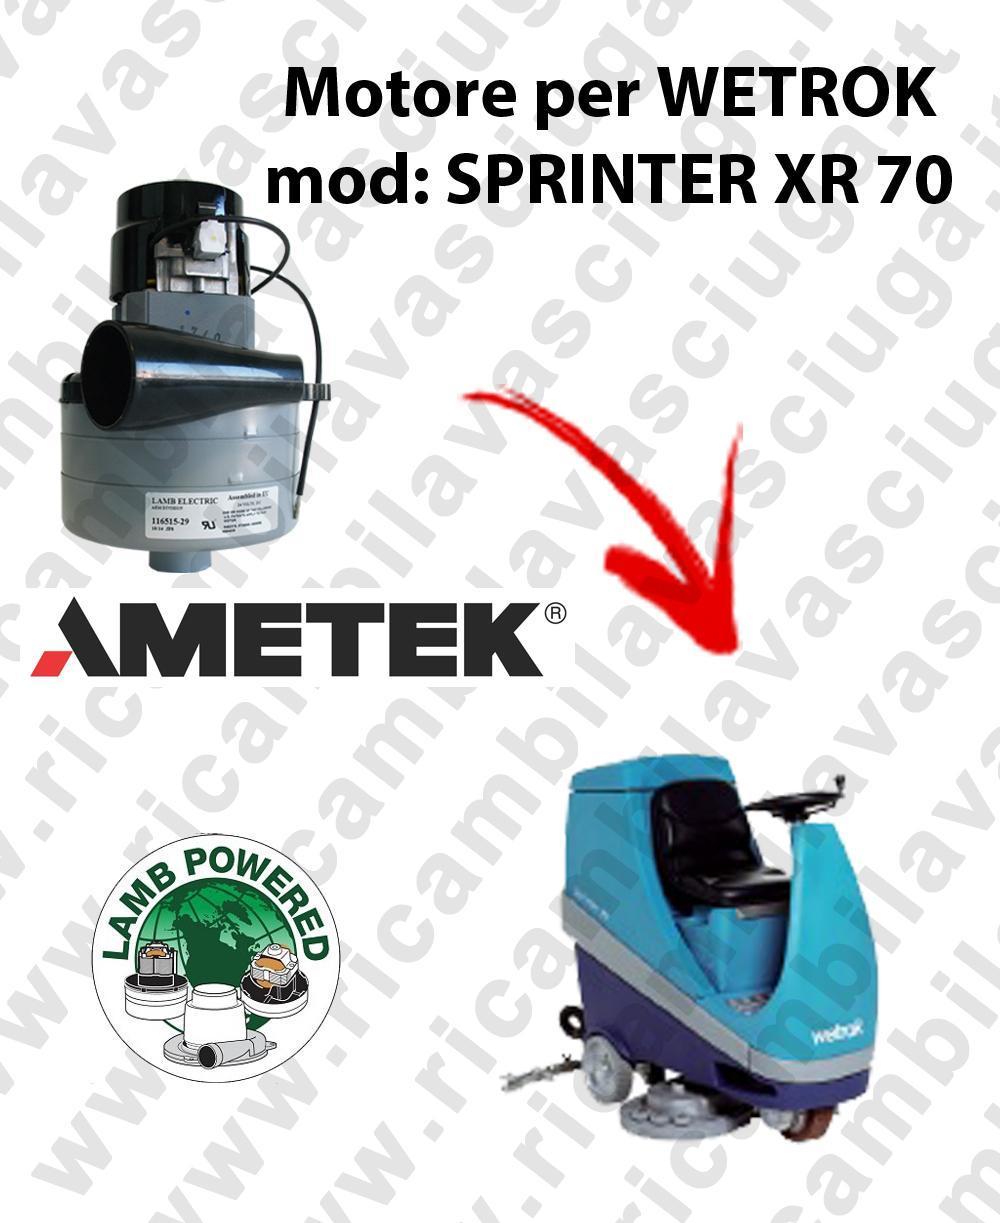 SPRINTER XR 70 Motore de aspiración LAMB AMETEK para fregadora WETROK